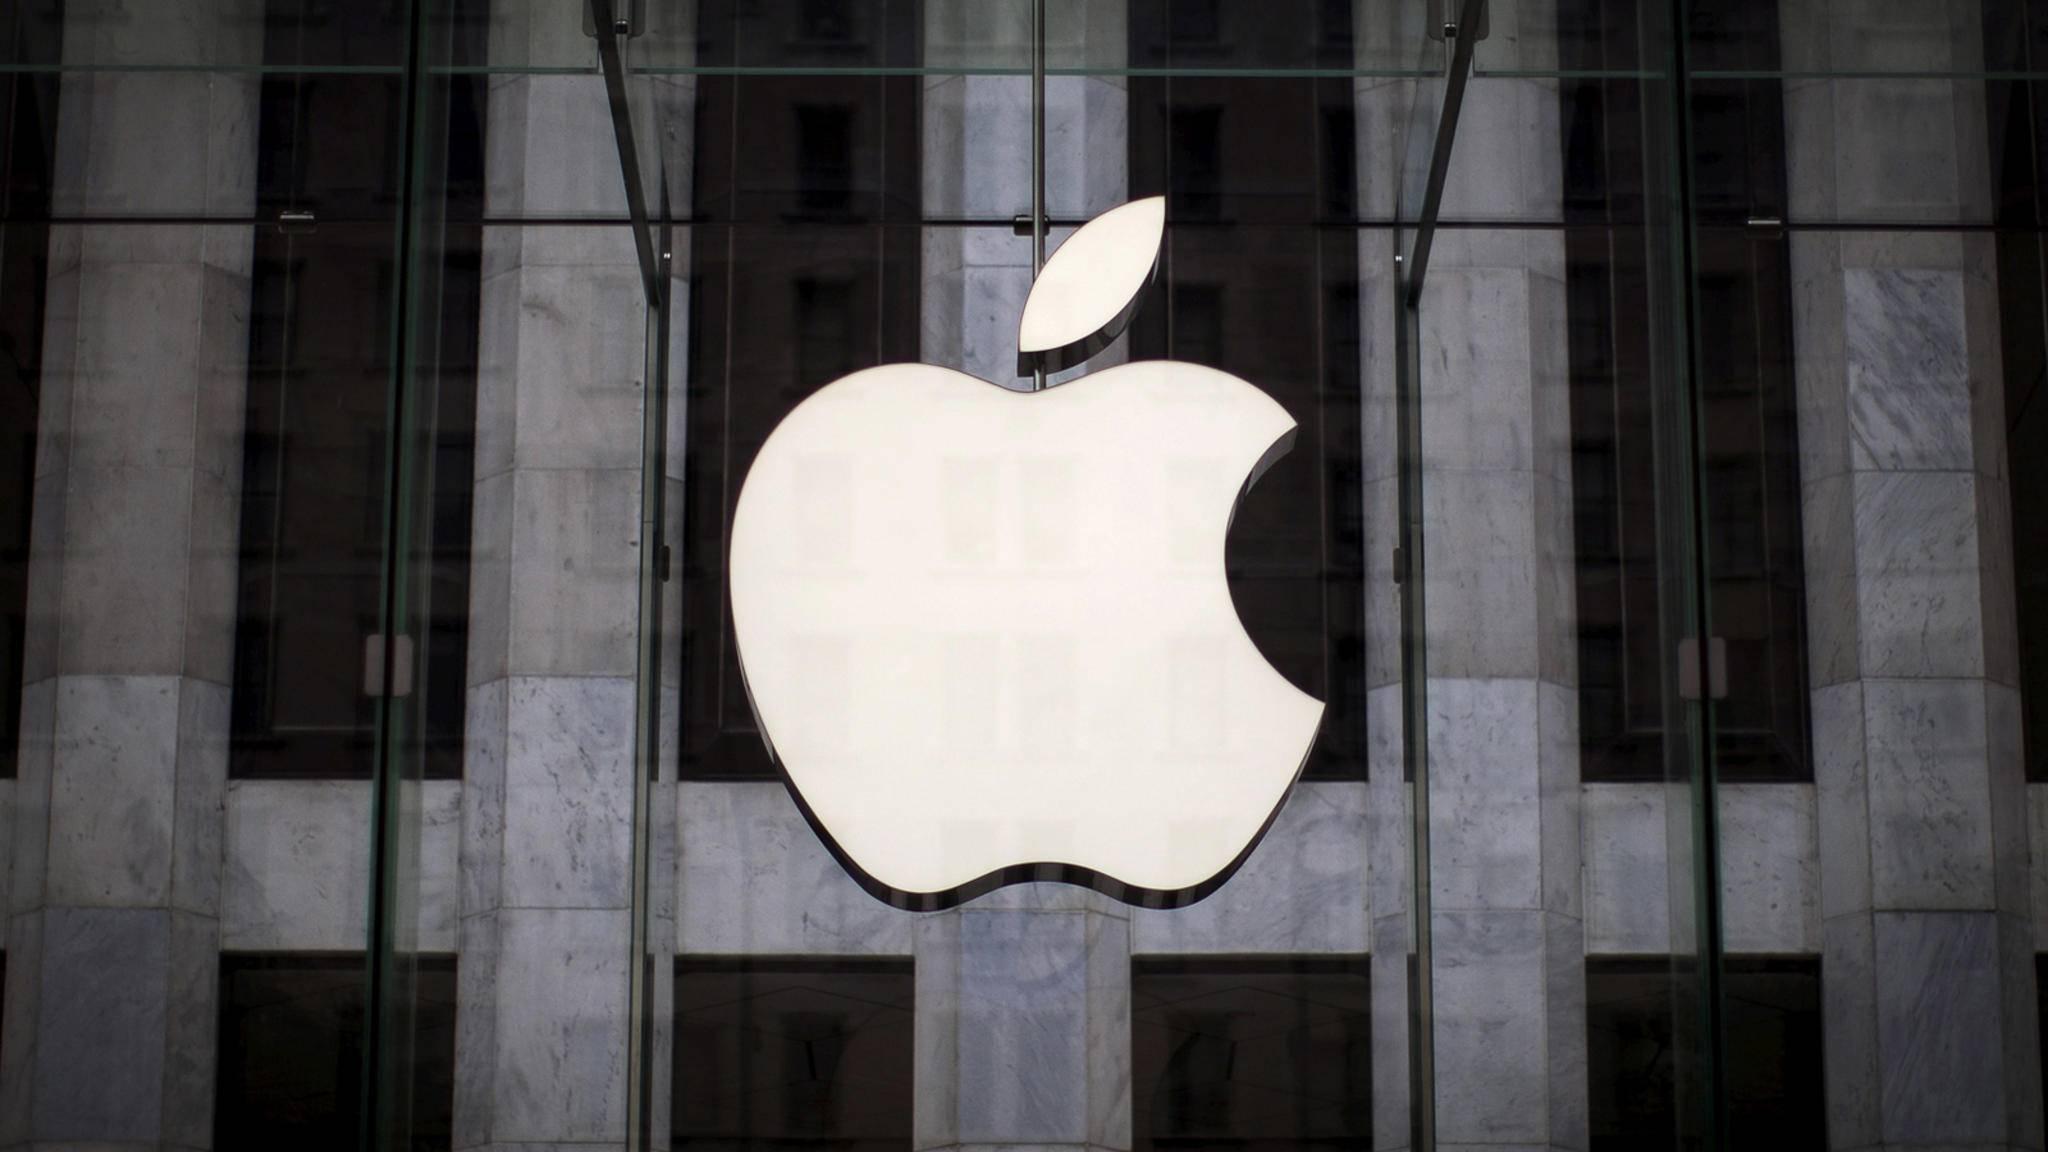 Qualcomm neueste Klage wurde zwar abgewiesen, das Verkaufsverbot für Apples iPhone 7 und iPhone 8 besteht aber immer noch.